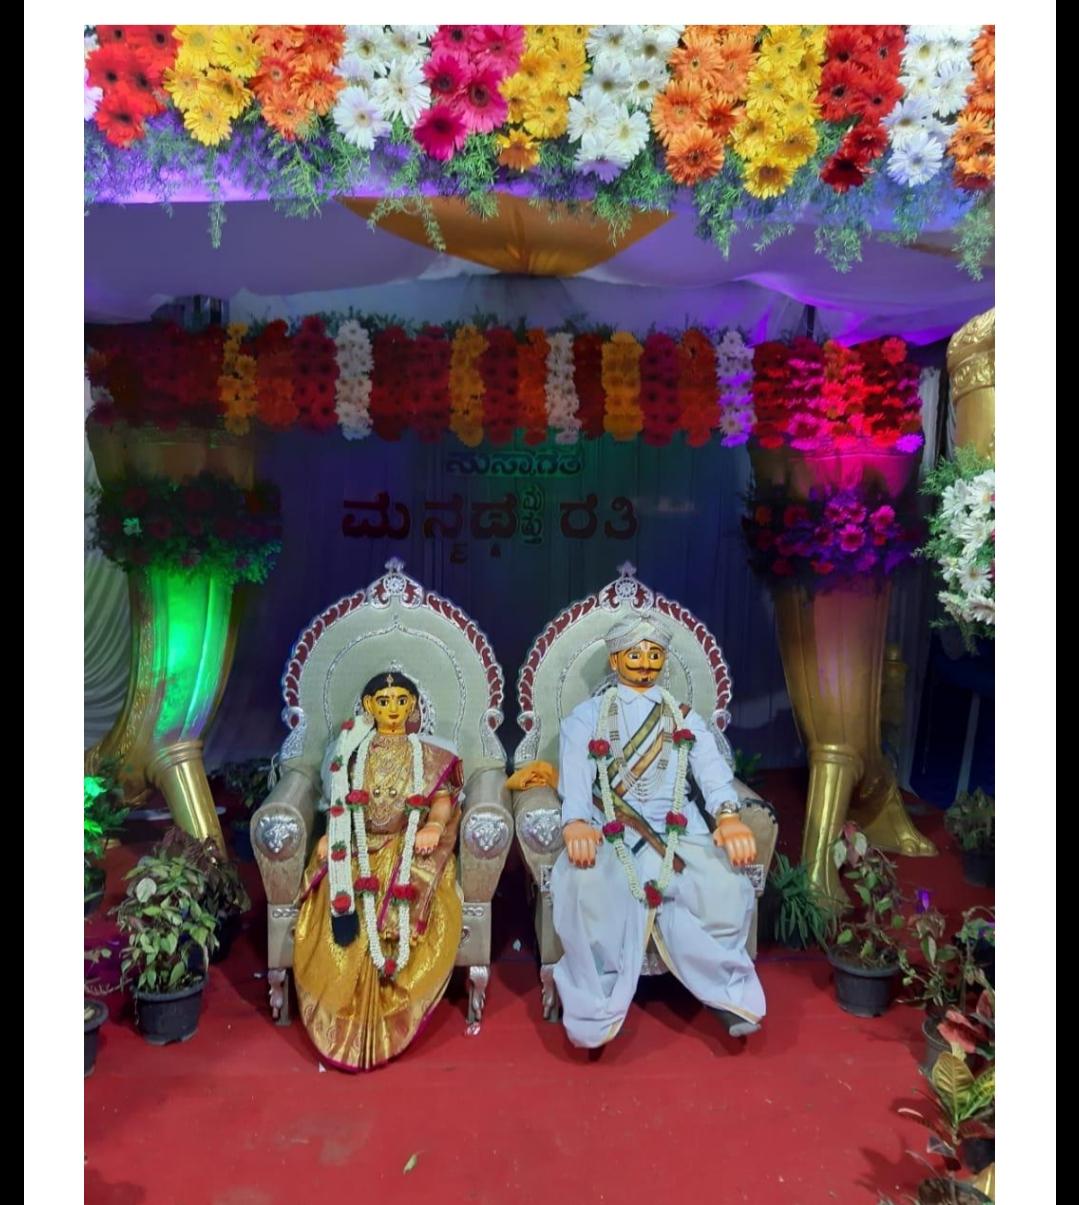 ಕಾಮನ ಹಬ್ಬದ ಸಾಂಪ್ರದಾಯಿಕ ಆಚರಣೆ ಬೊಂಬೆನಗರಿ ಚನ್ನಪಟ್ಟಣದಲ್ಲಿ. ಒಂದು ಅವಲೋಕನ